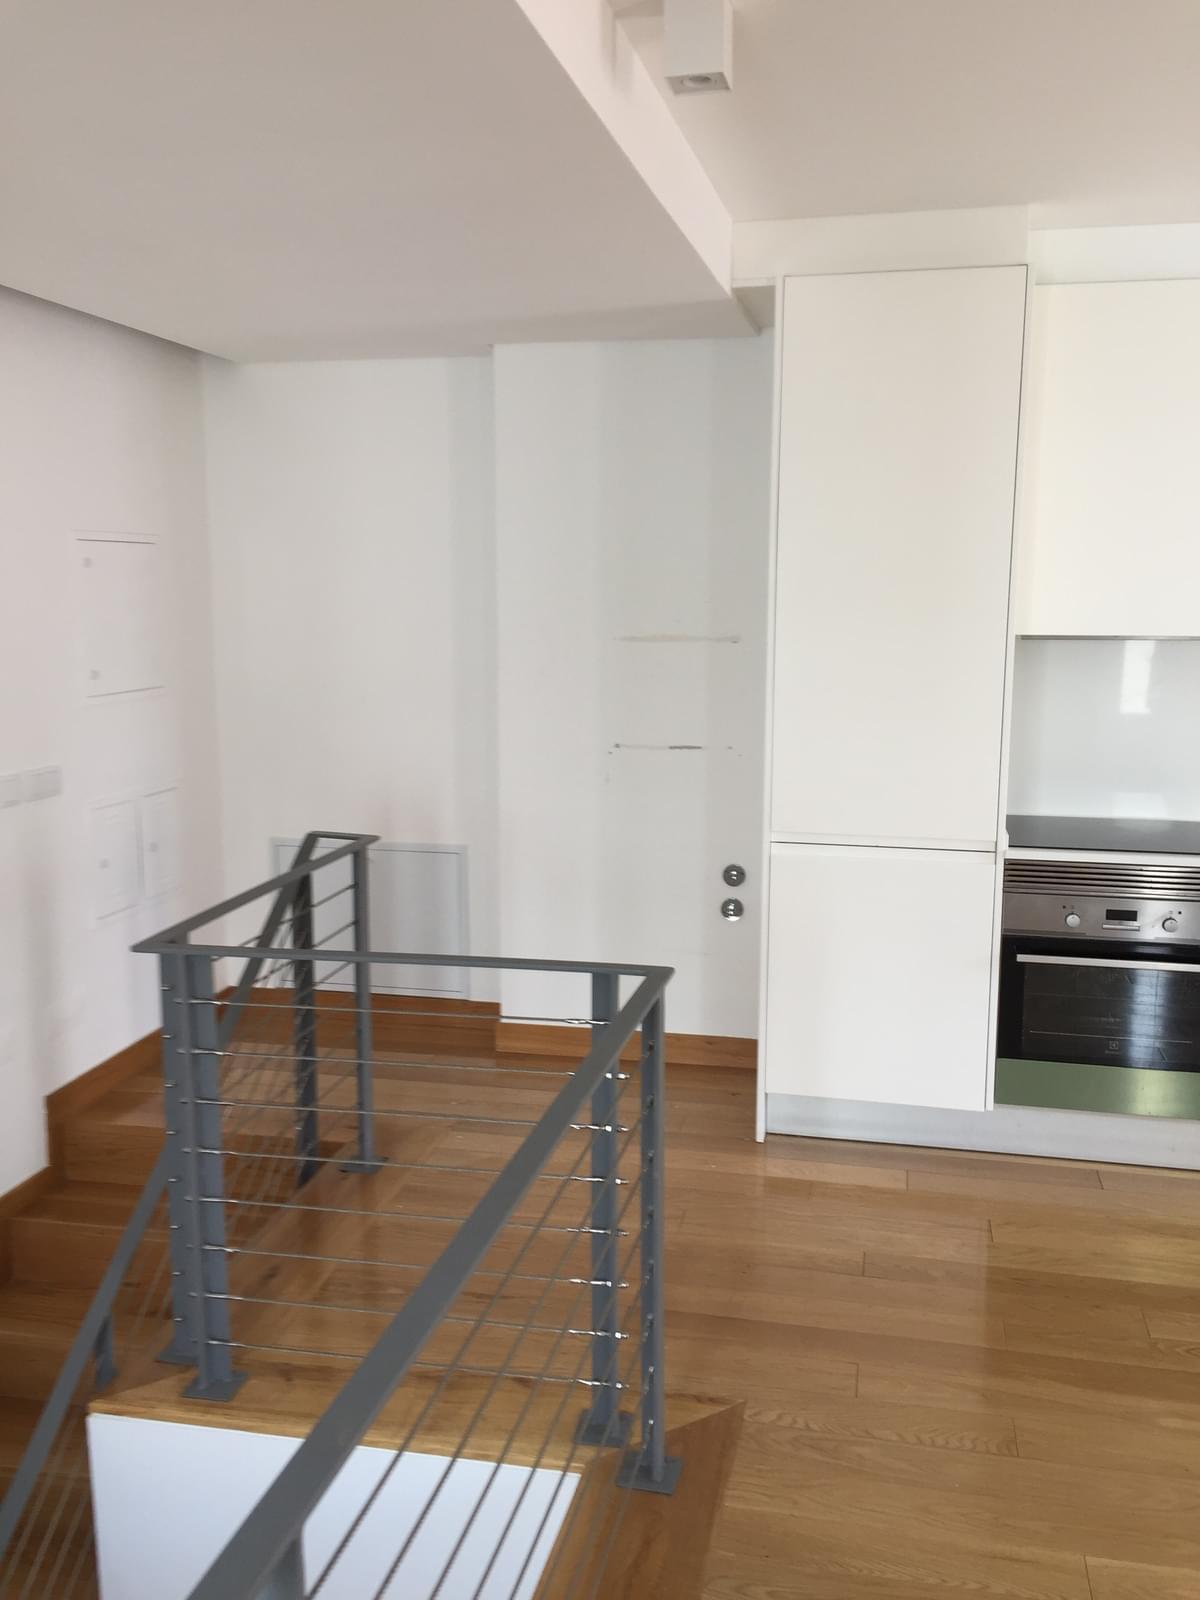 pf19228-apartamento-t1-cascais-f36b6ded-b275-4931-991b-449d95f5d87f